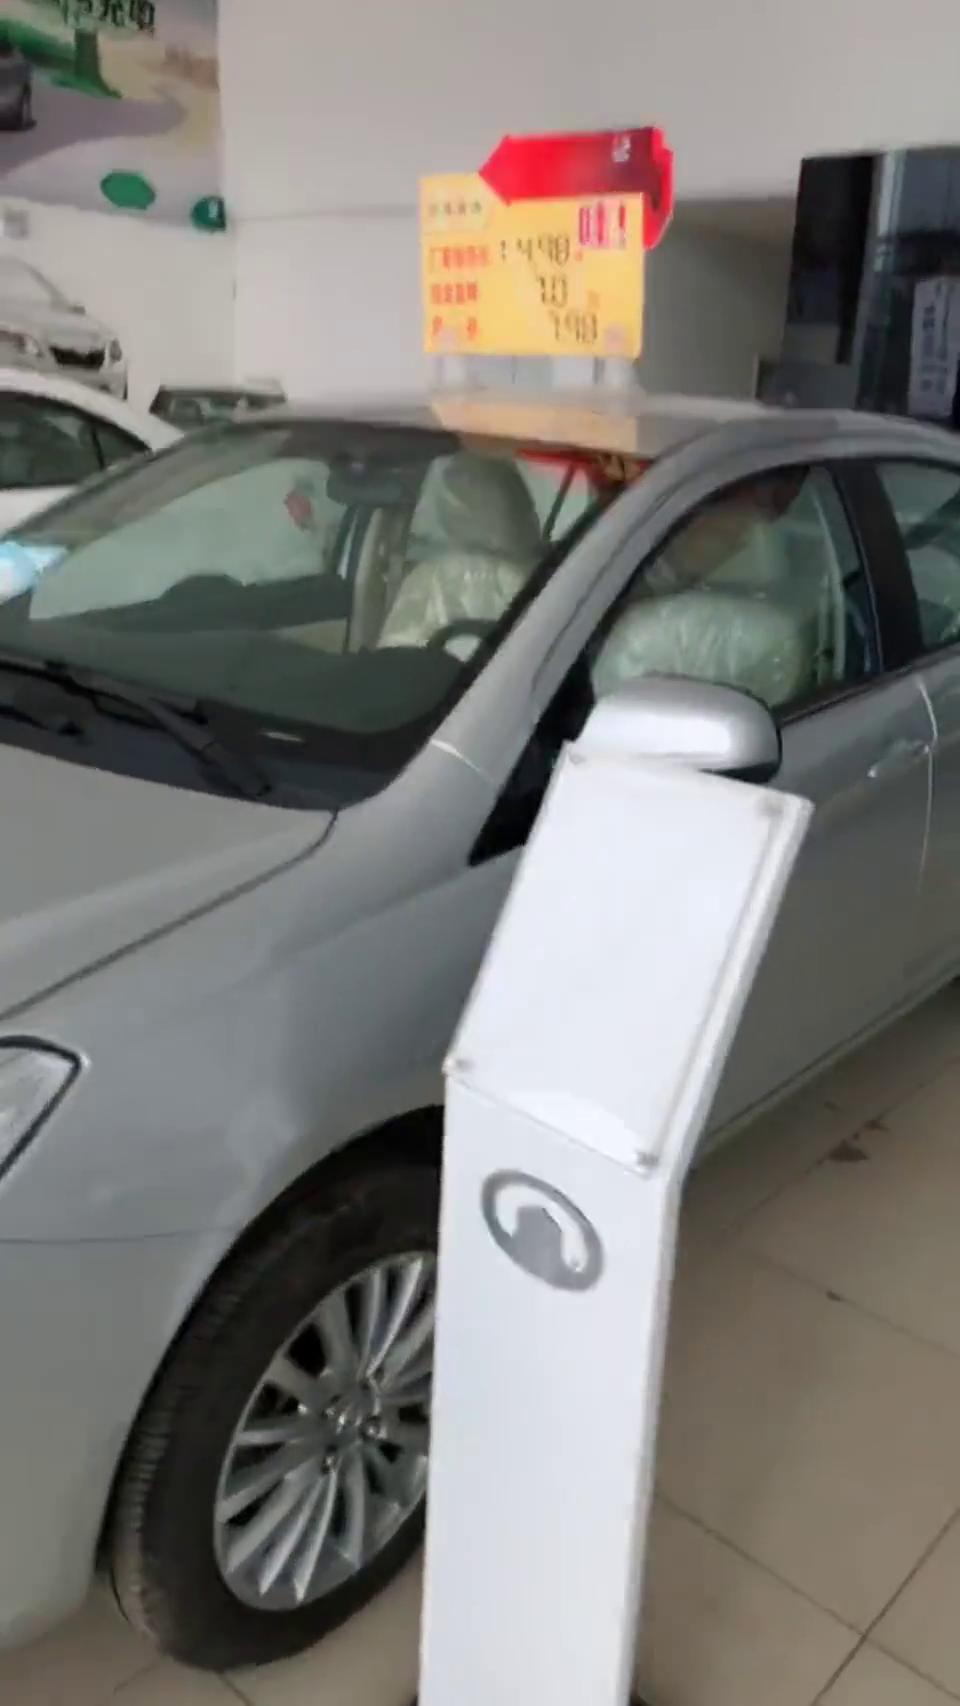 视频:长城C30电动车能跑200公里,估计够呛吧,别忽悠我们!